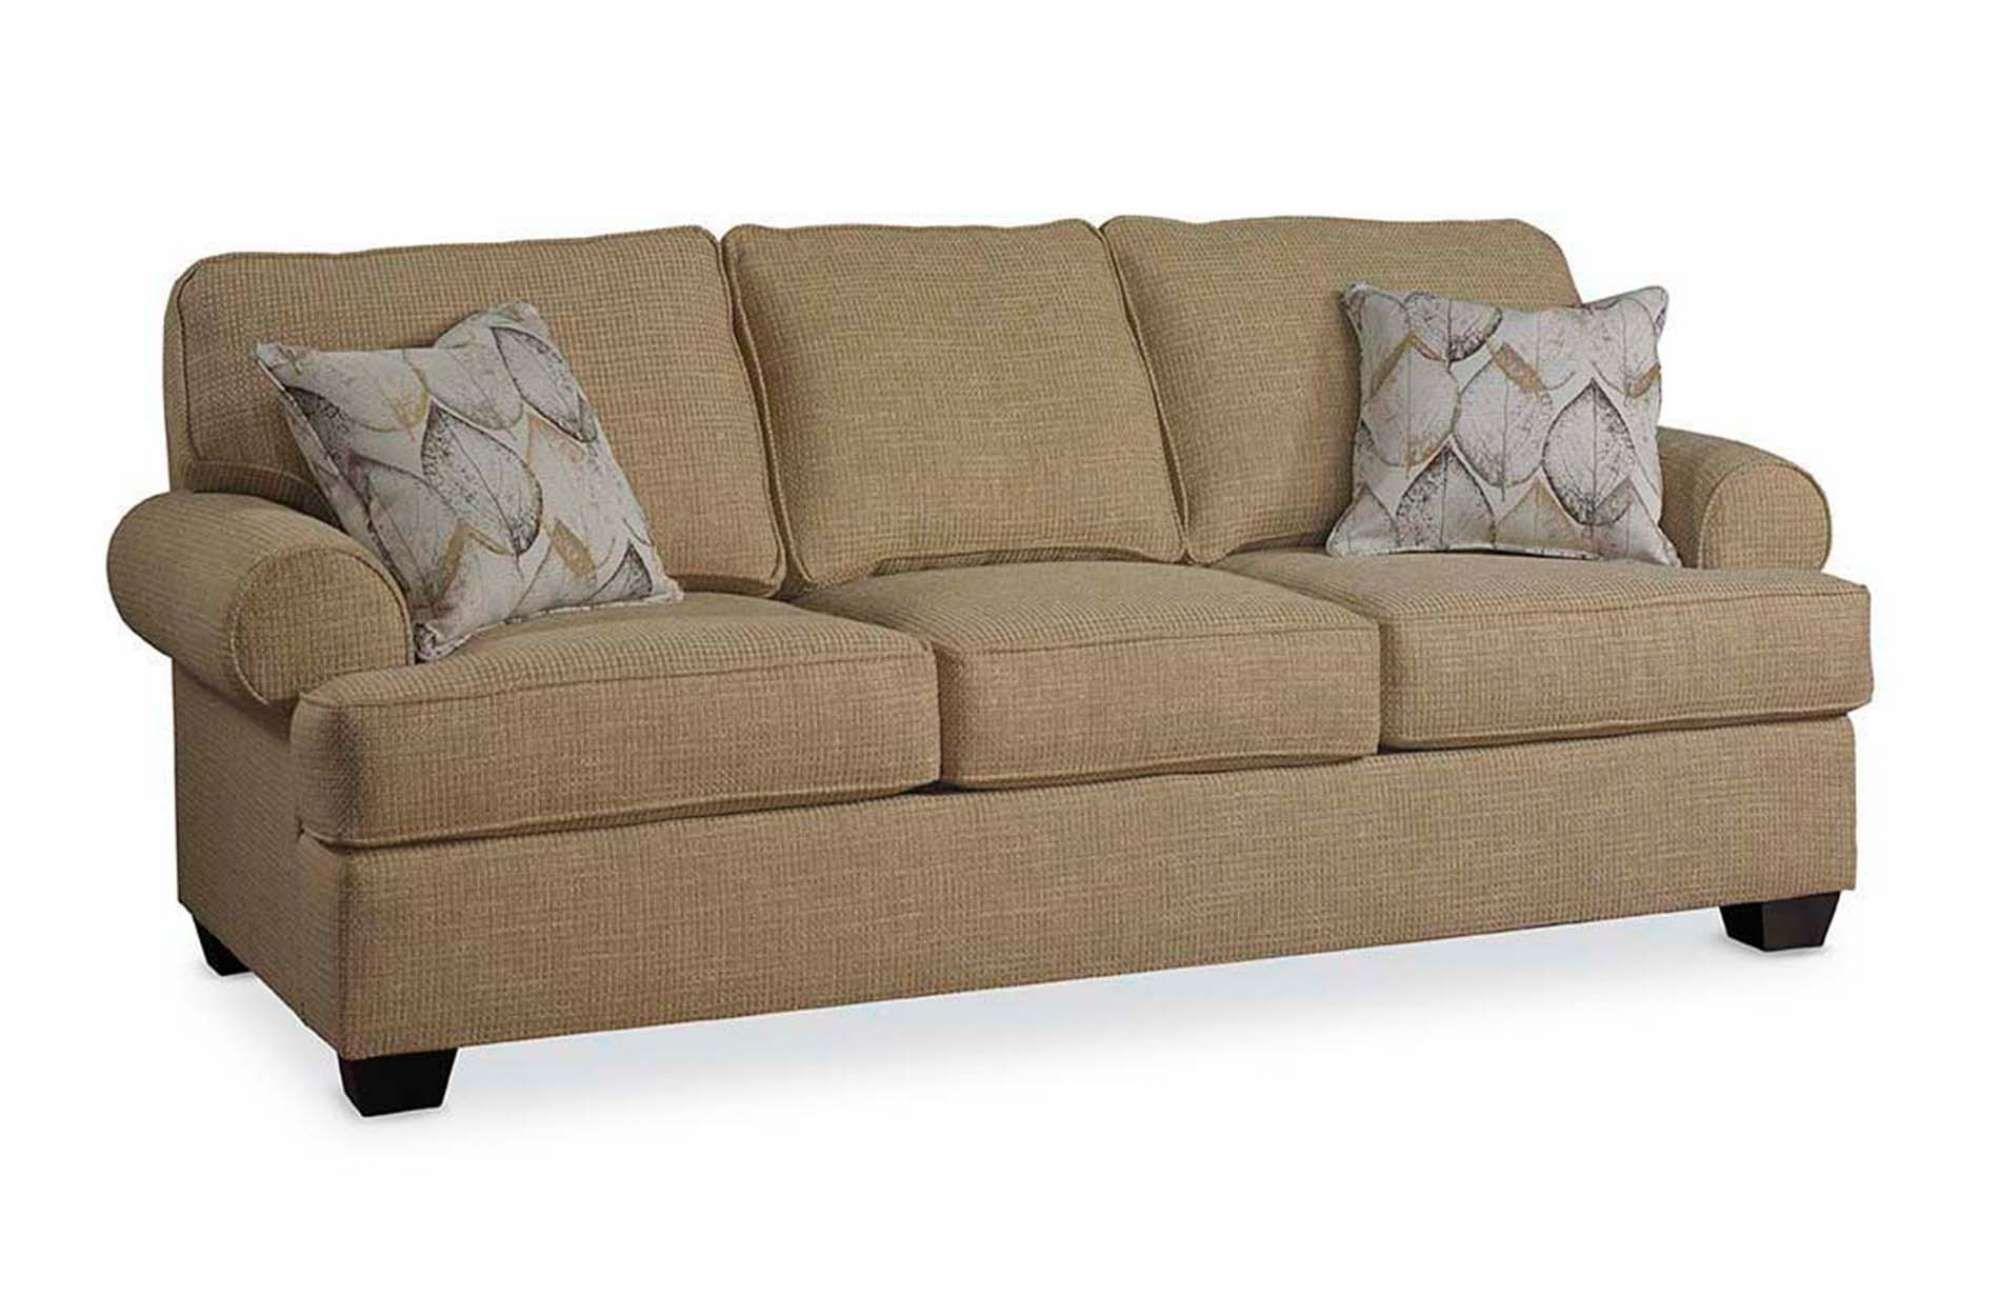 $800 Cardiu0027s Furniture   Slipcover Sofa   799.99   101155009 | Furniture |  Pinterest | Furniture Slipcovers, Slipcover Sofa And White Couches